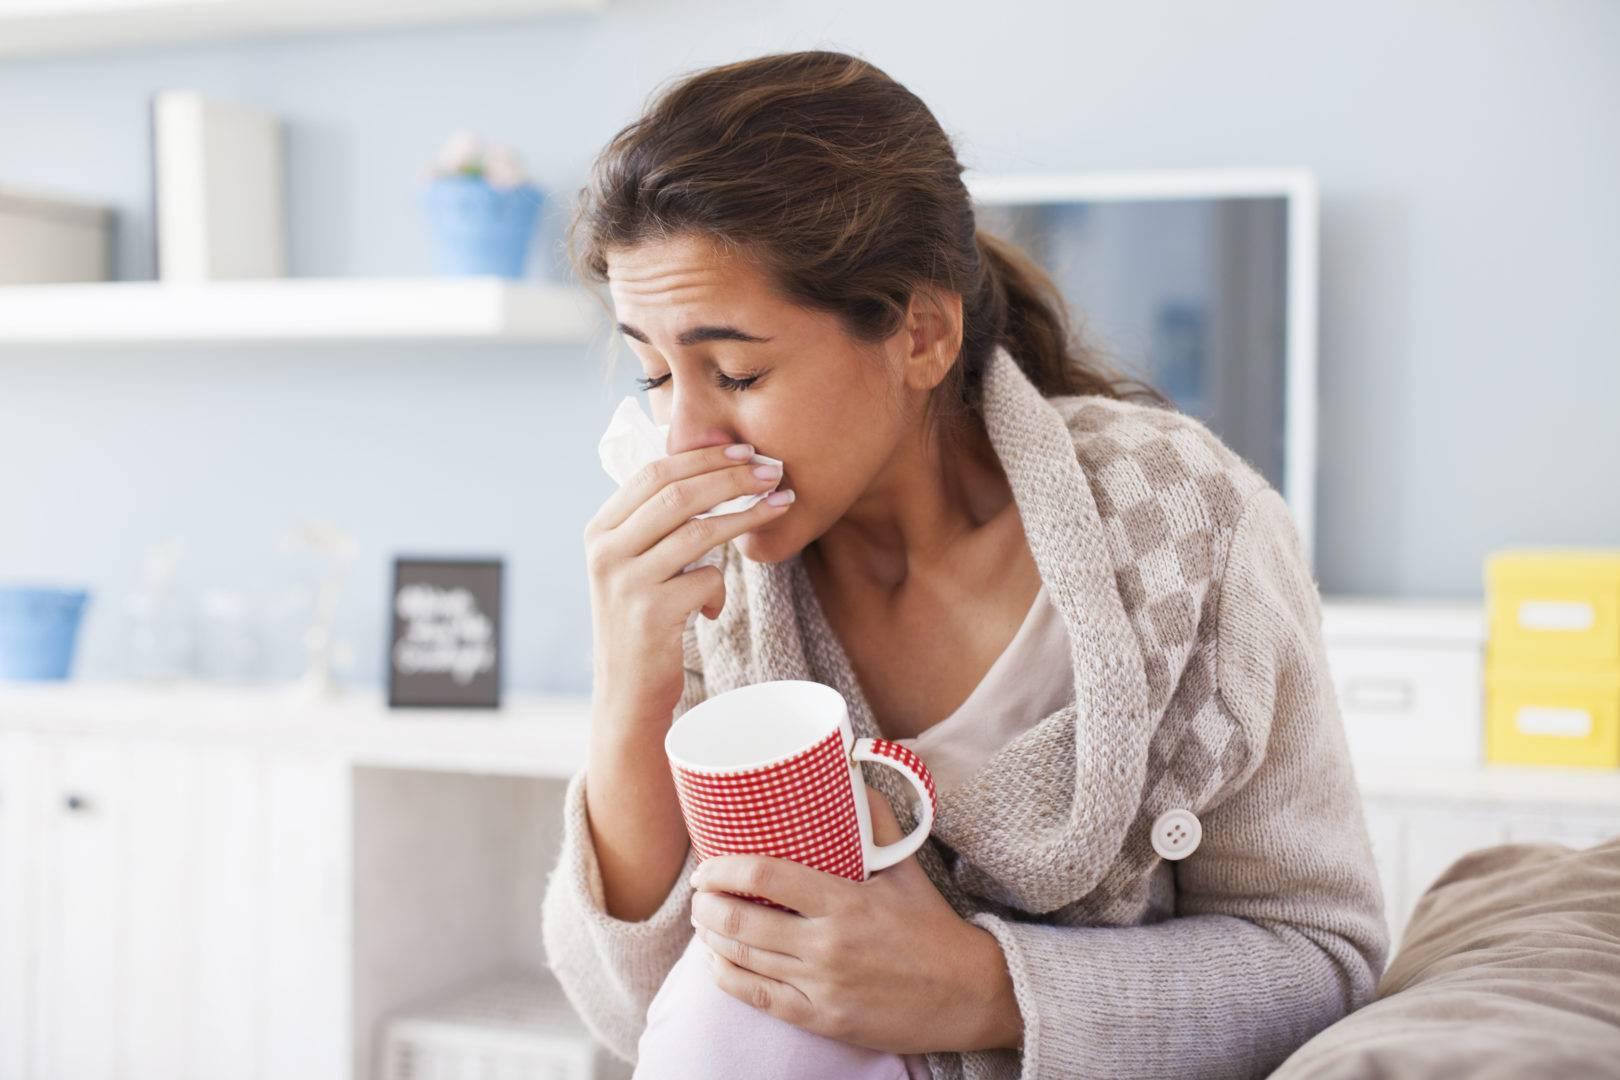 Насморк по утрам: причины появления и методы лечения насморка